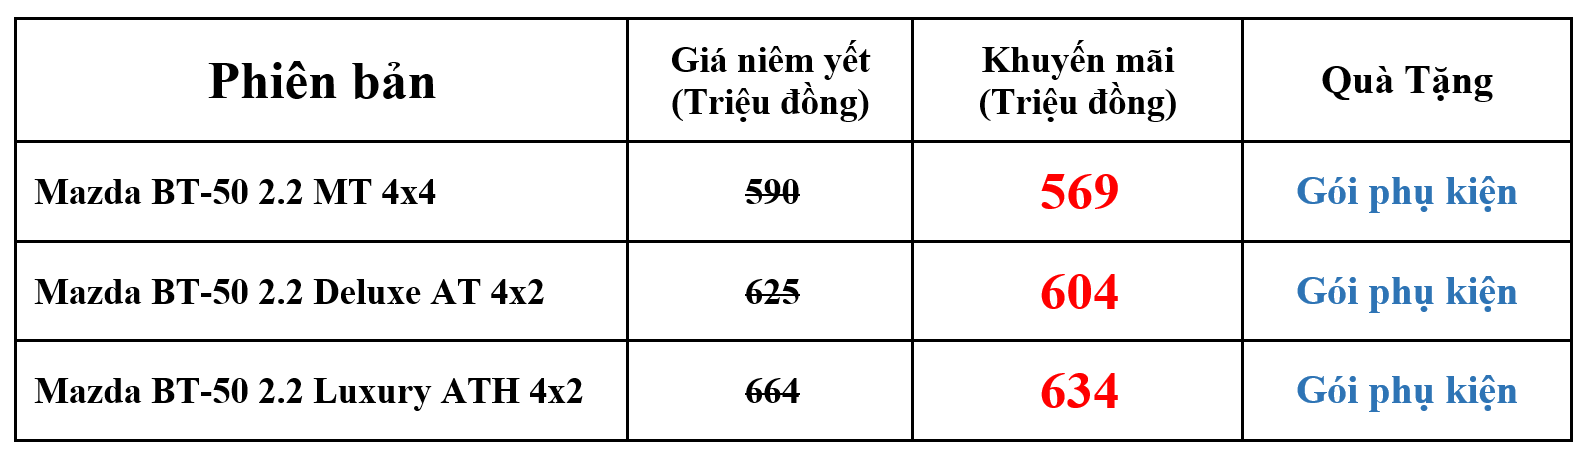 giá xe mazda bt50 2021 mới nhất